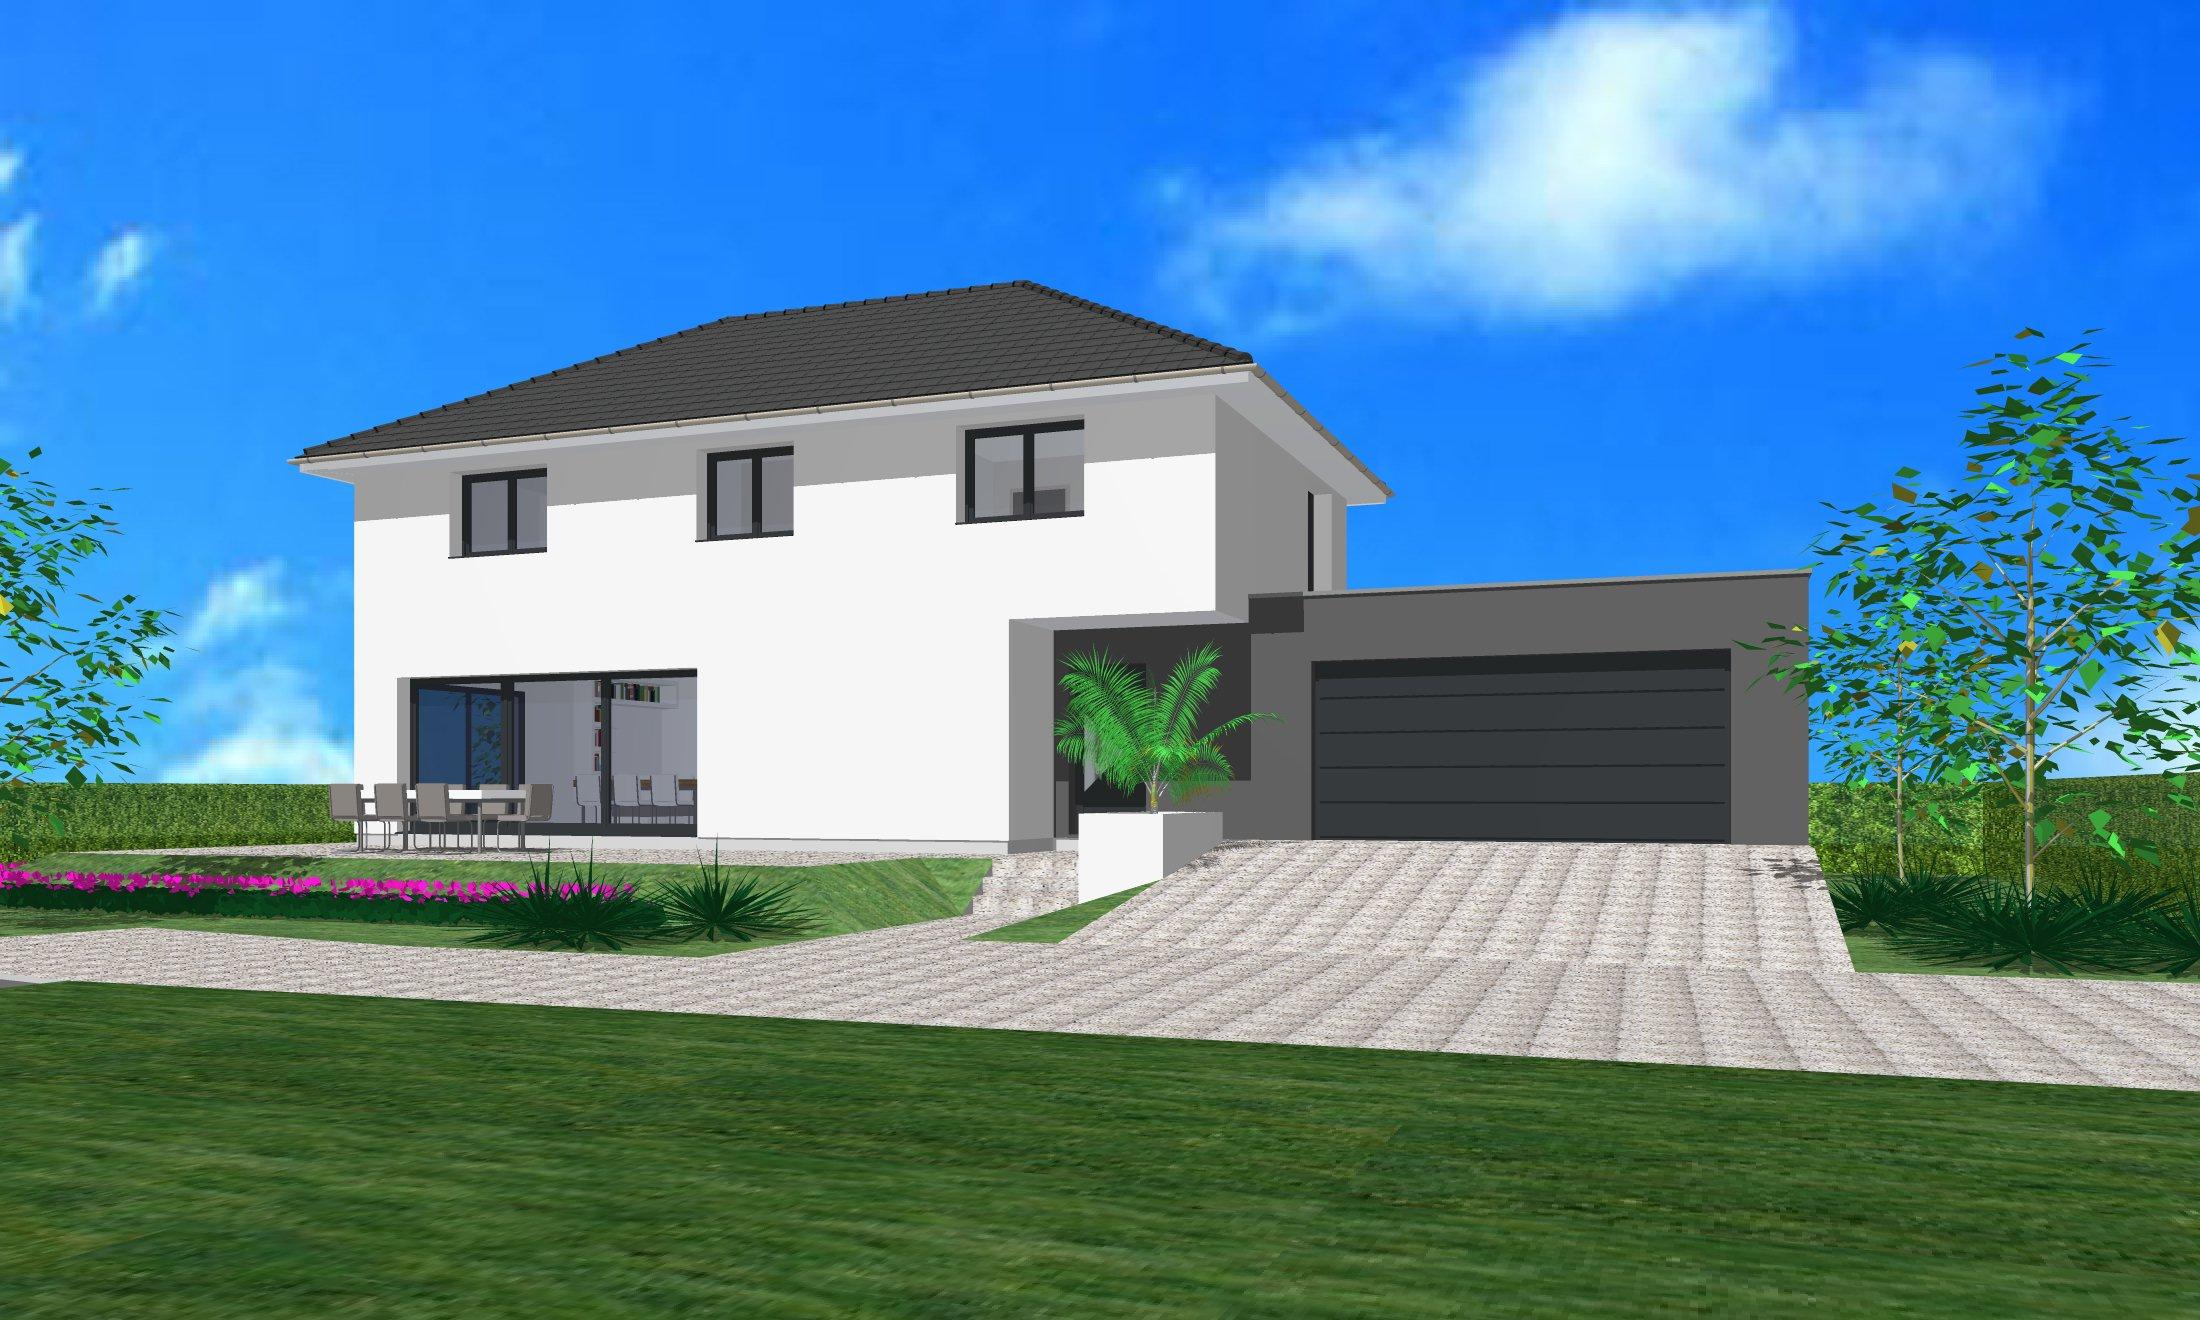 Maisons du constructeur CREAGES • 120 m² • KEMBS LOECHLE